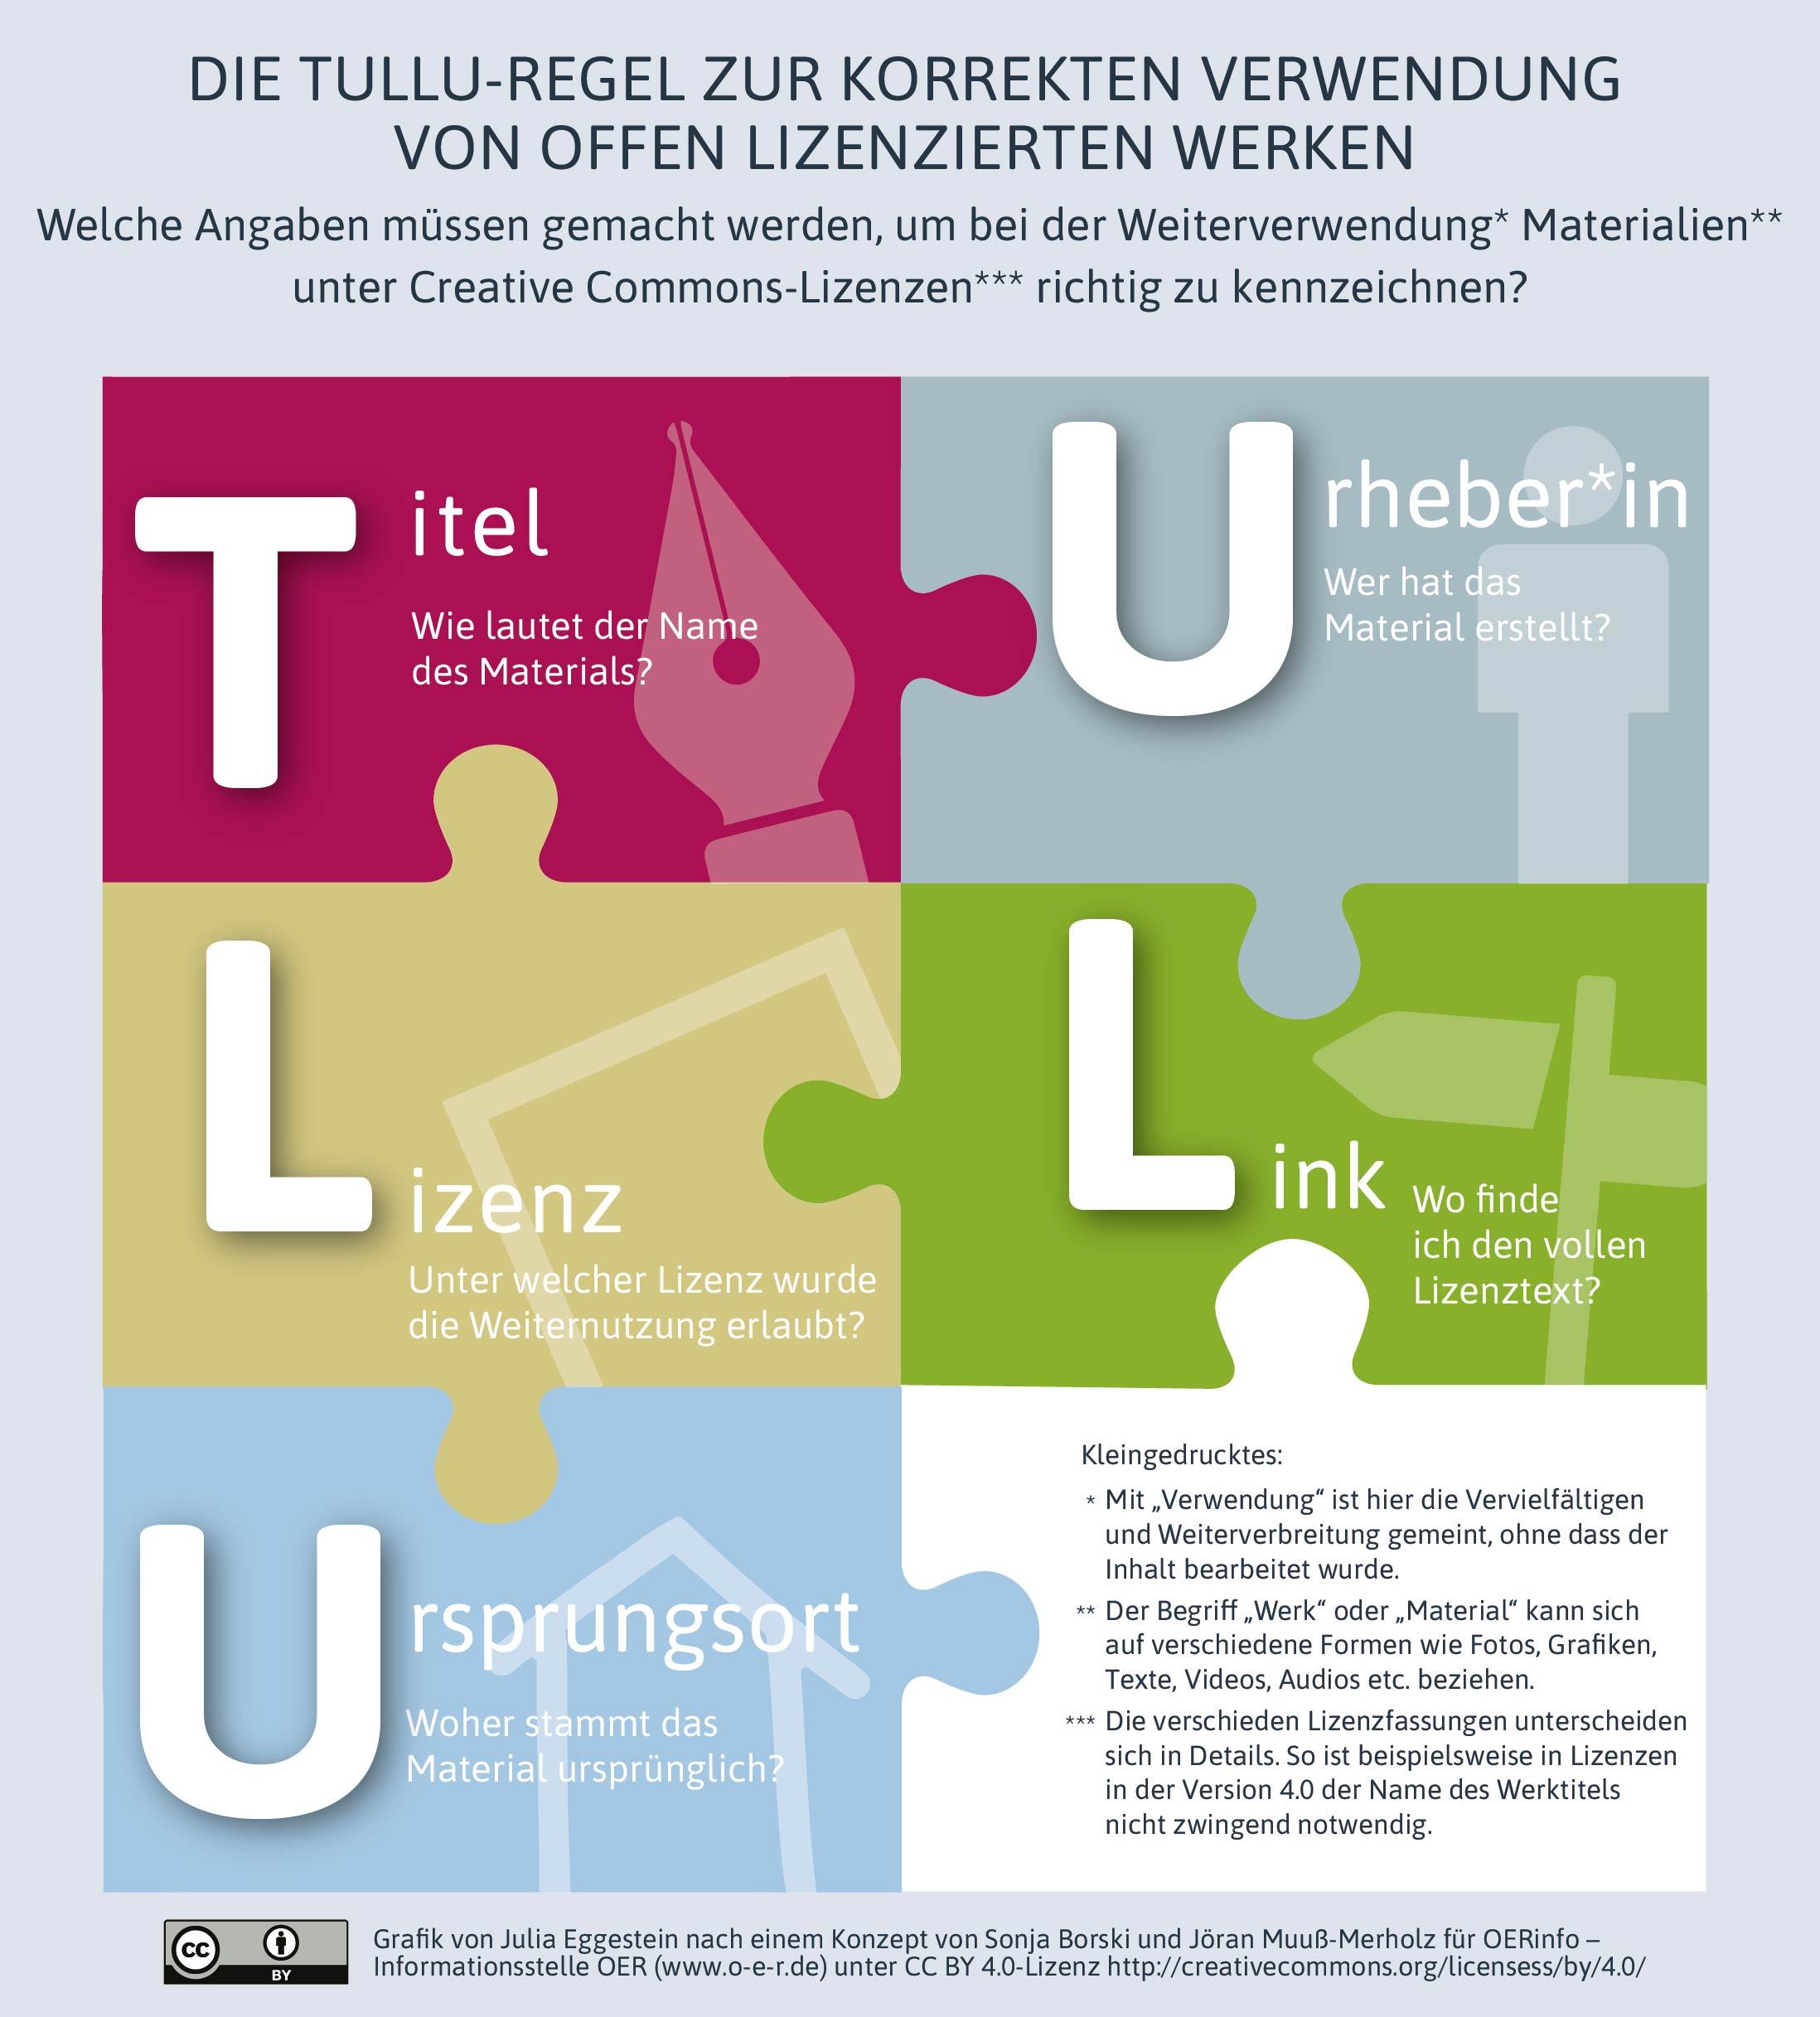 Grafik mit den Bestandteilen der TULLU-Regel